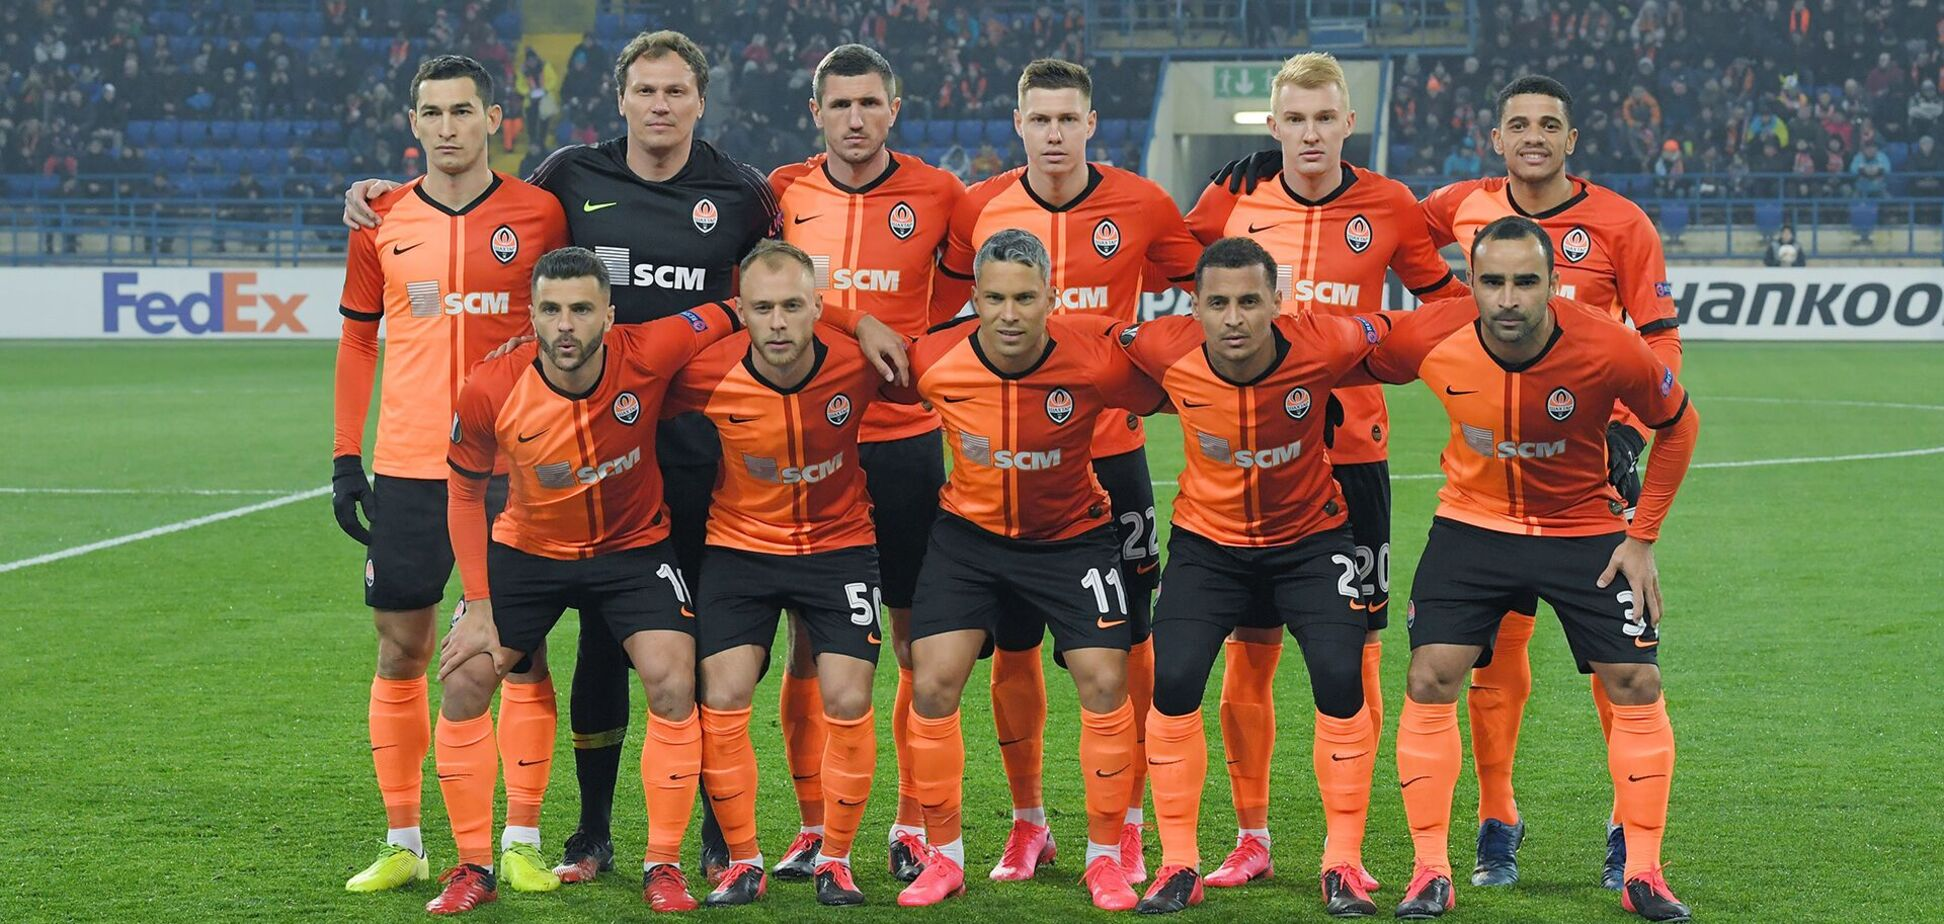 Андрій Пятов (у чорному) перед одним з матчів 'Шахтаря' у 2020 році